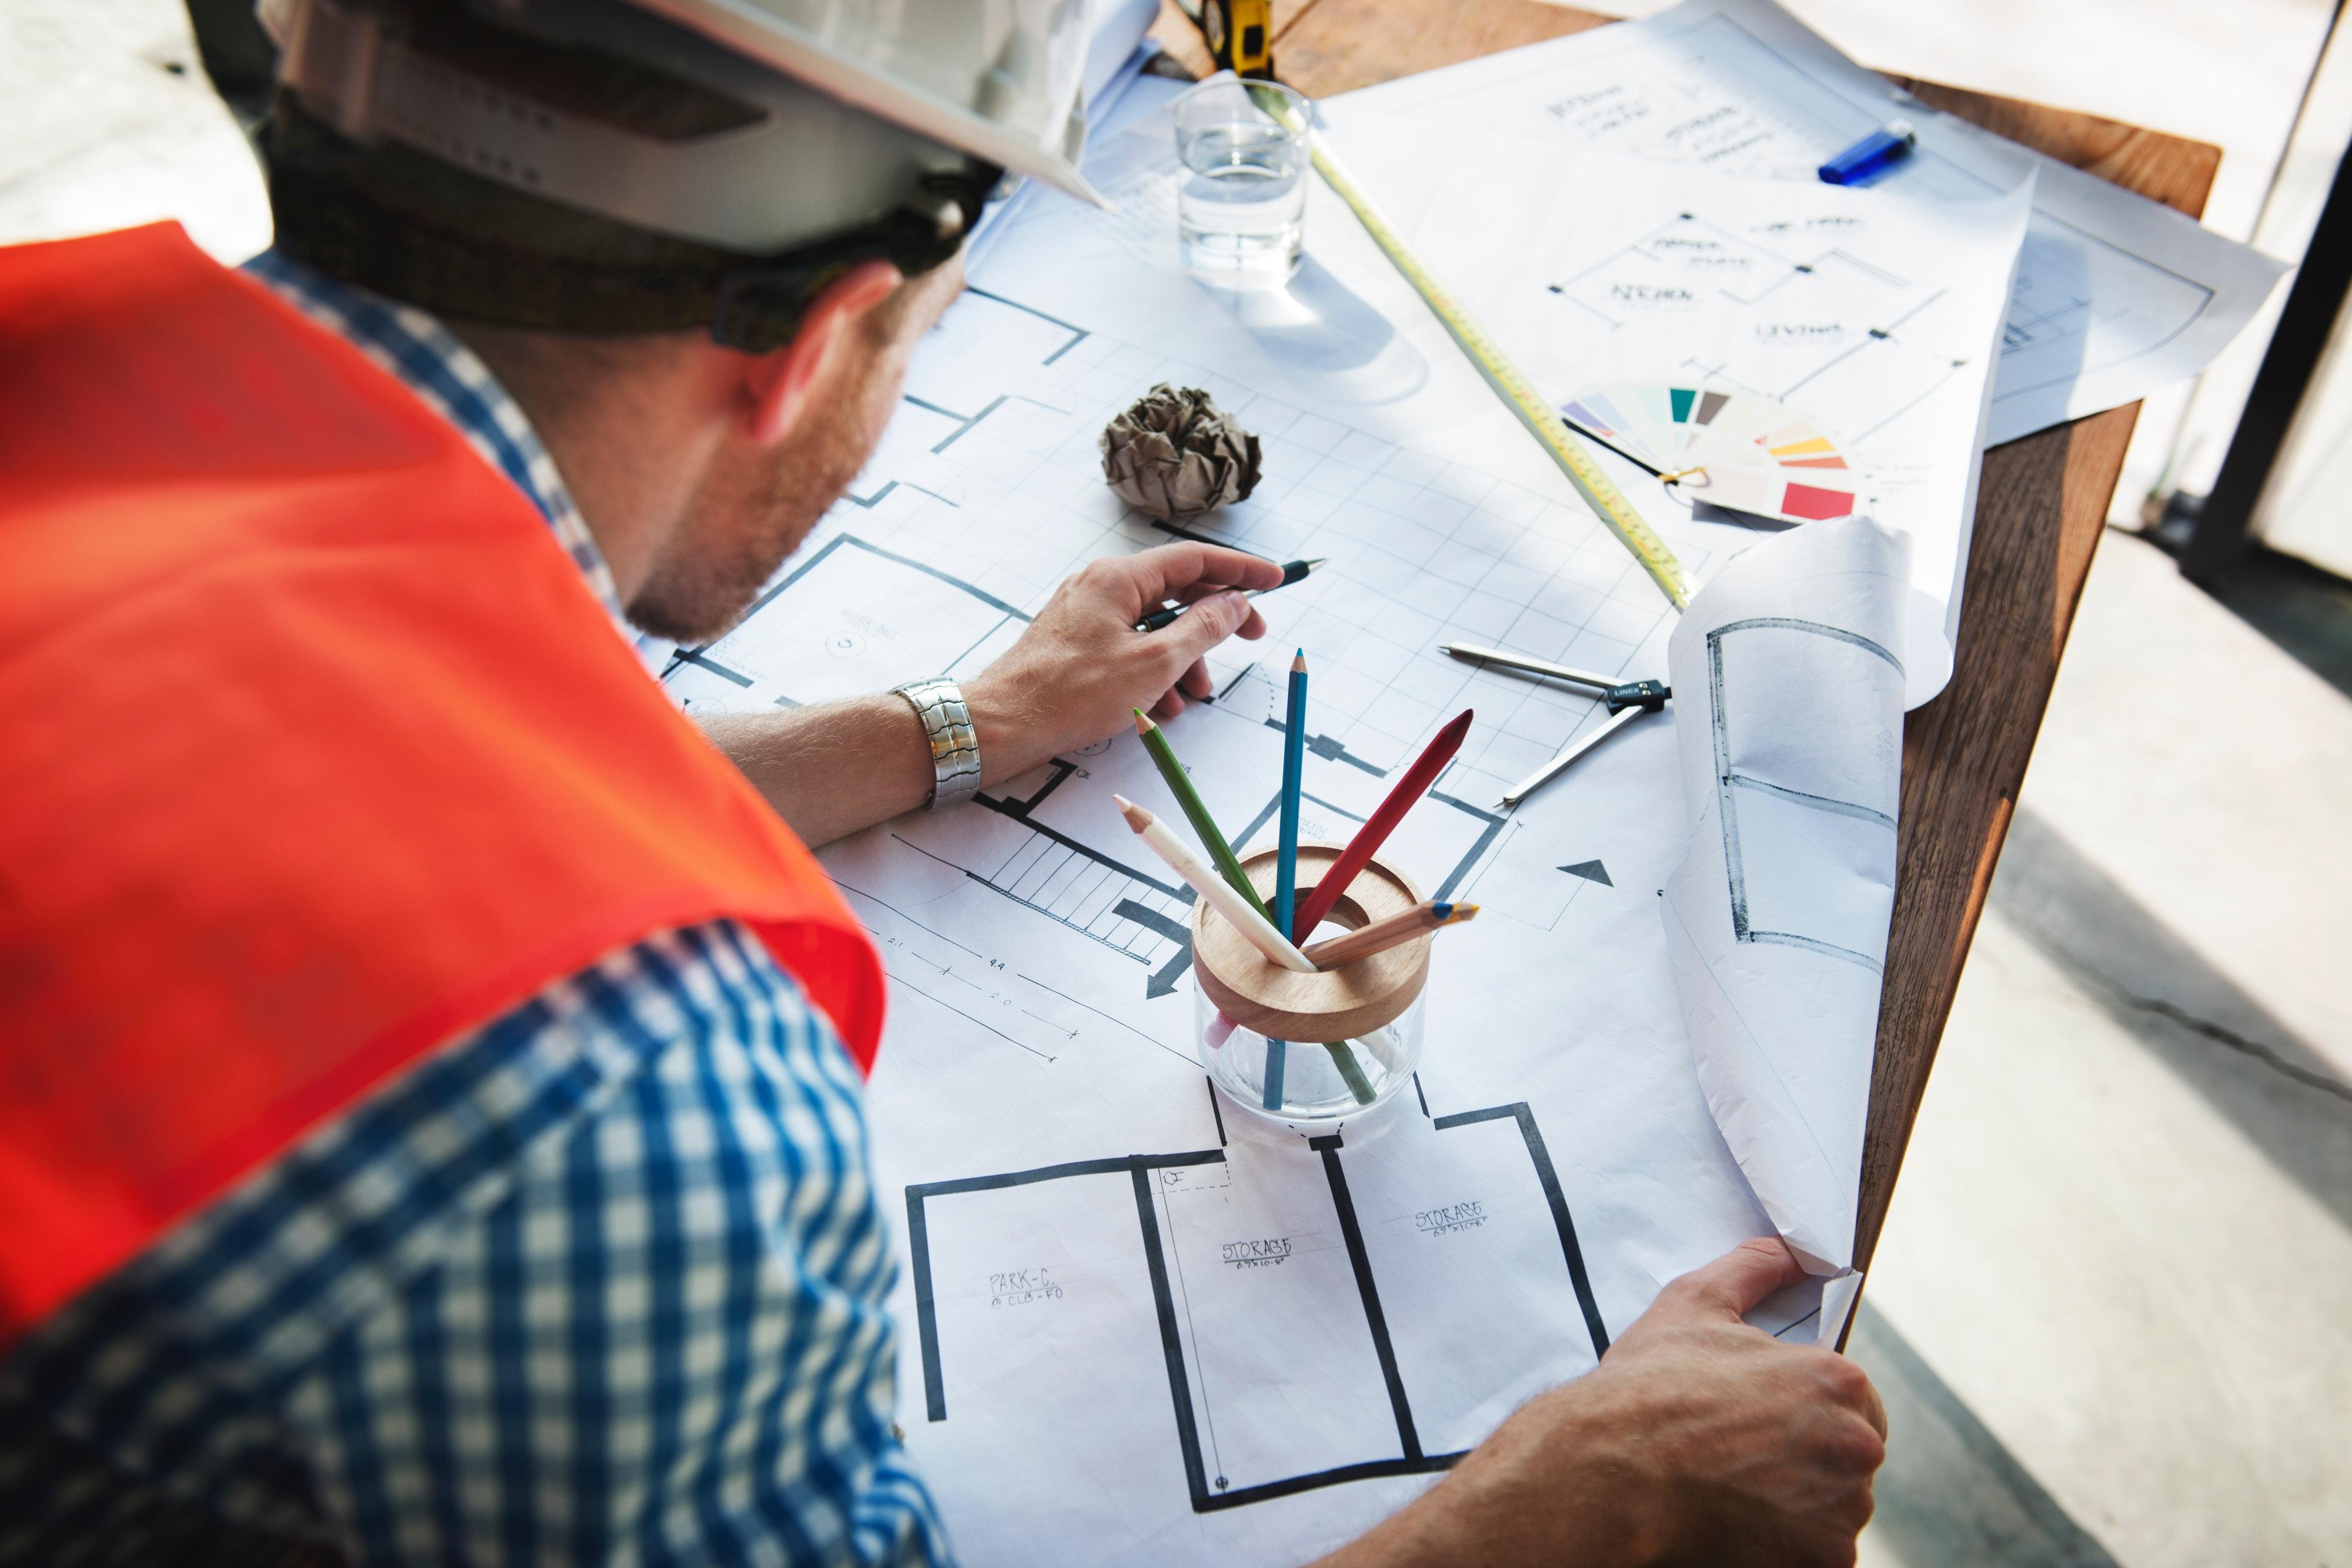 ¿Qué debo tener en cuenta para contratar a un arquitecto?